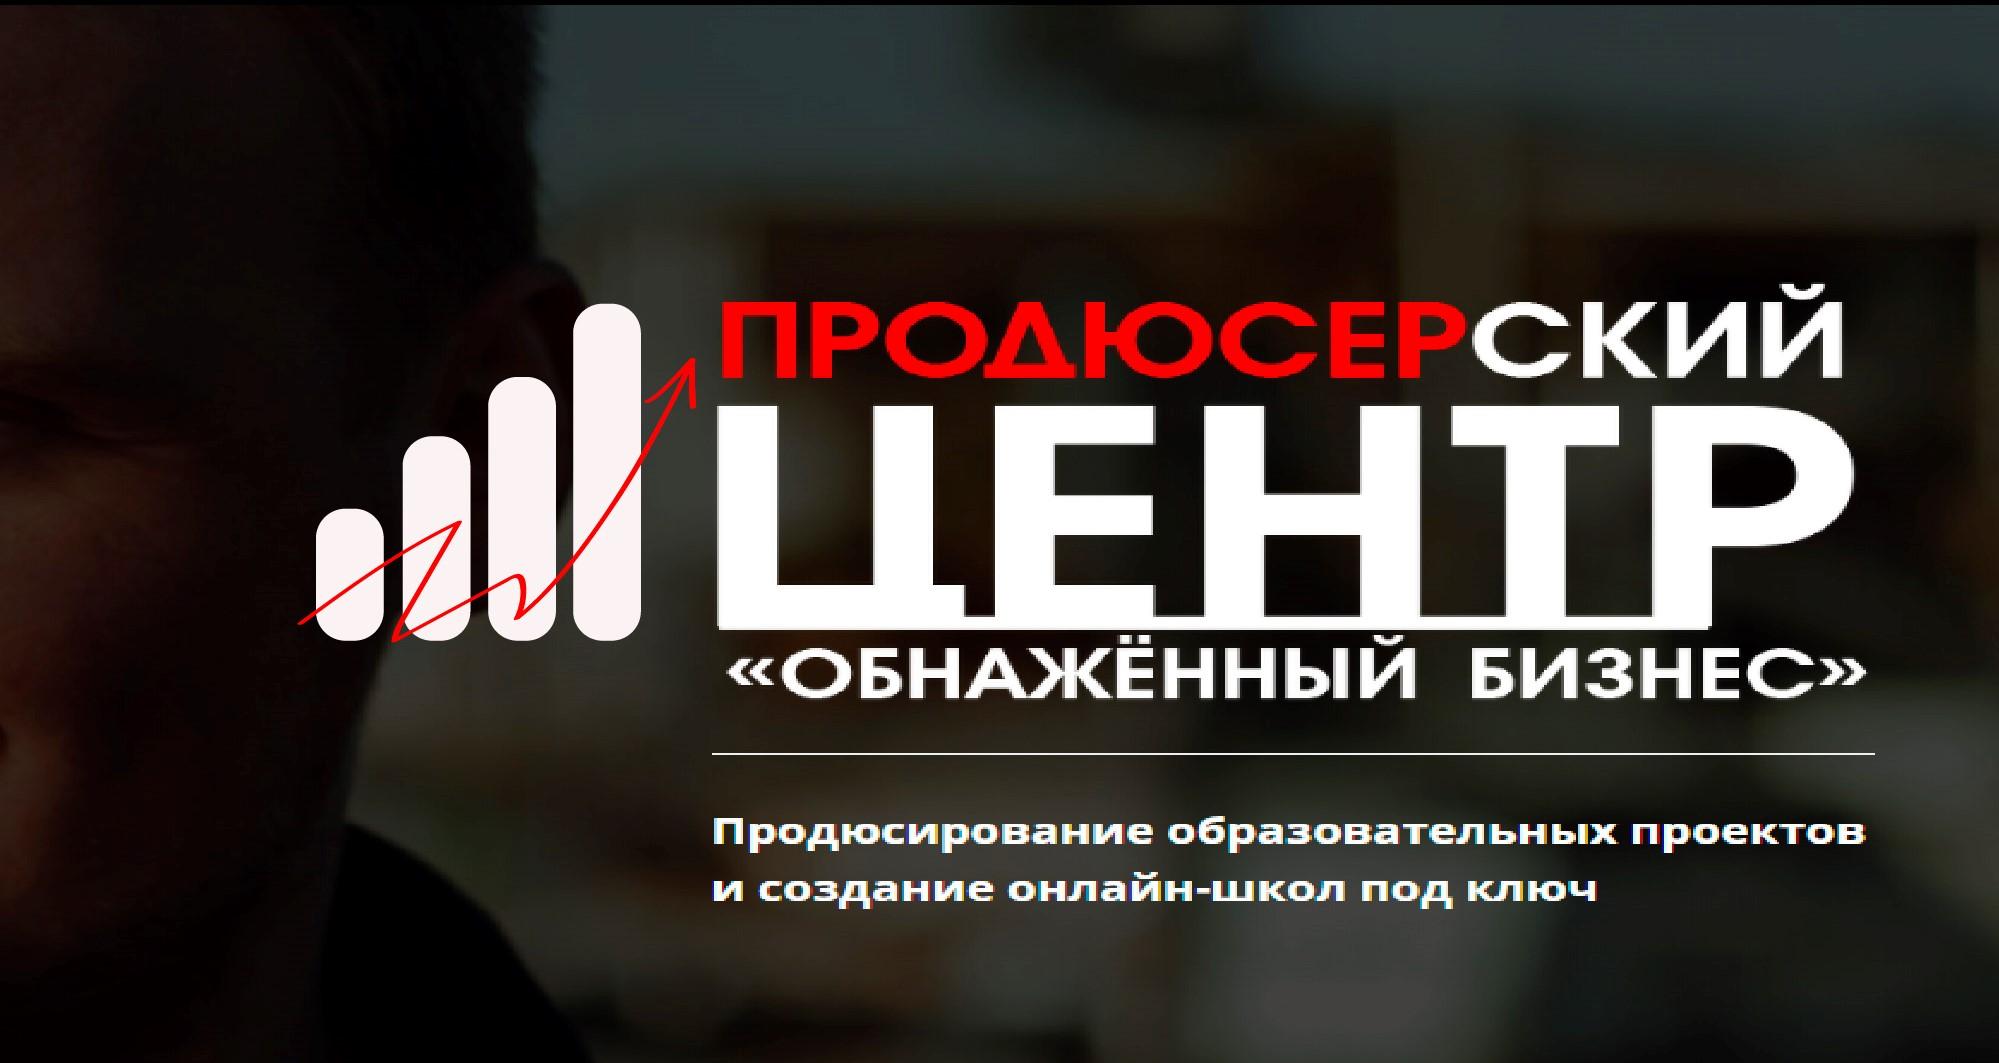 """Логотип для продюсерского центра """"Обнажённый бизнес"""" фото f_3775ba0c92fbb905.jpg"""